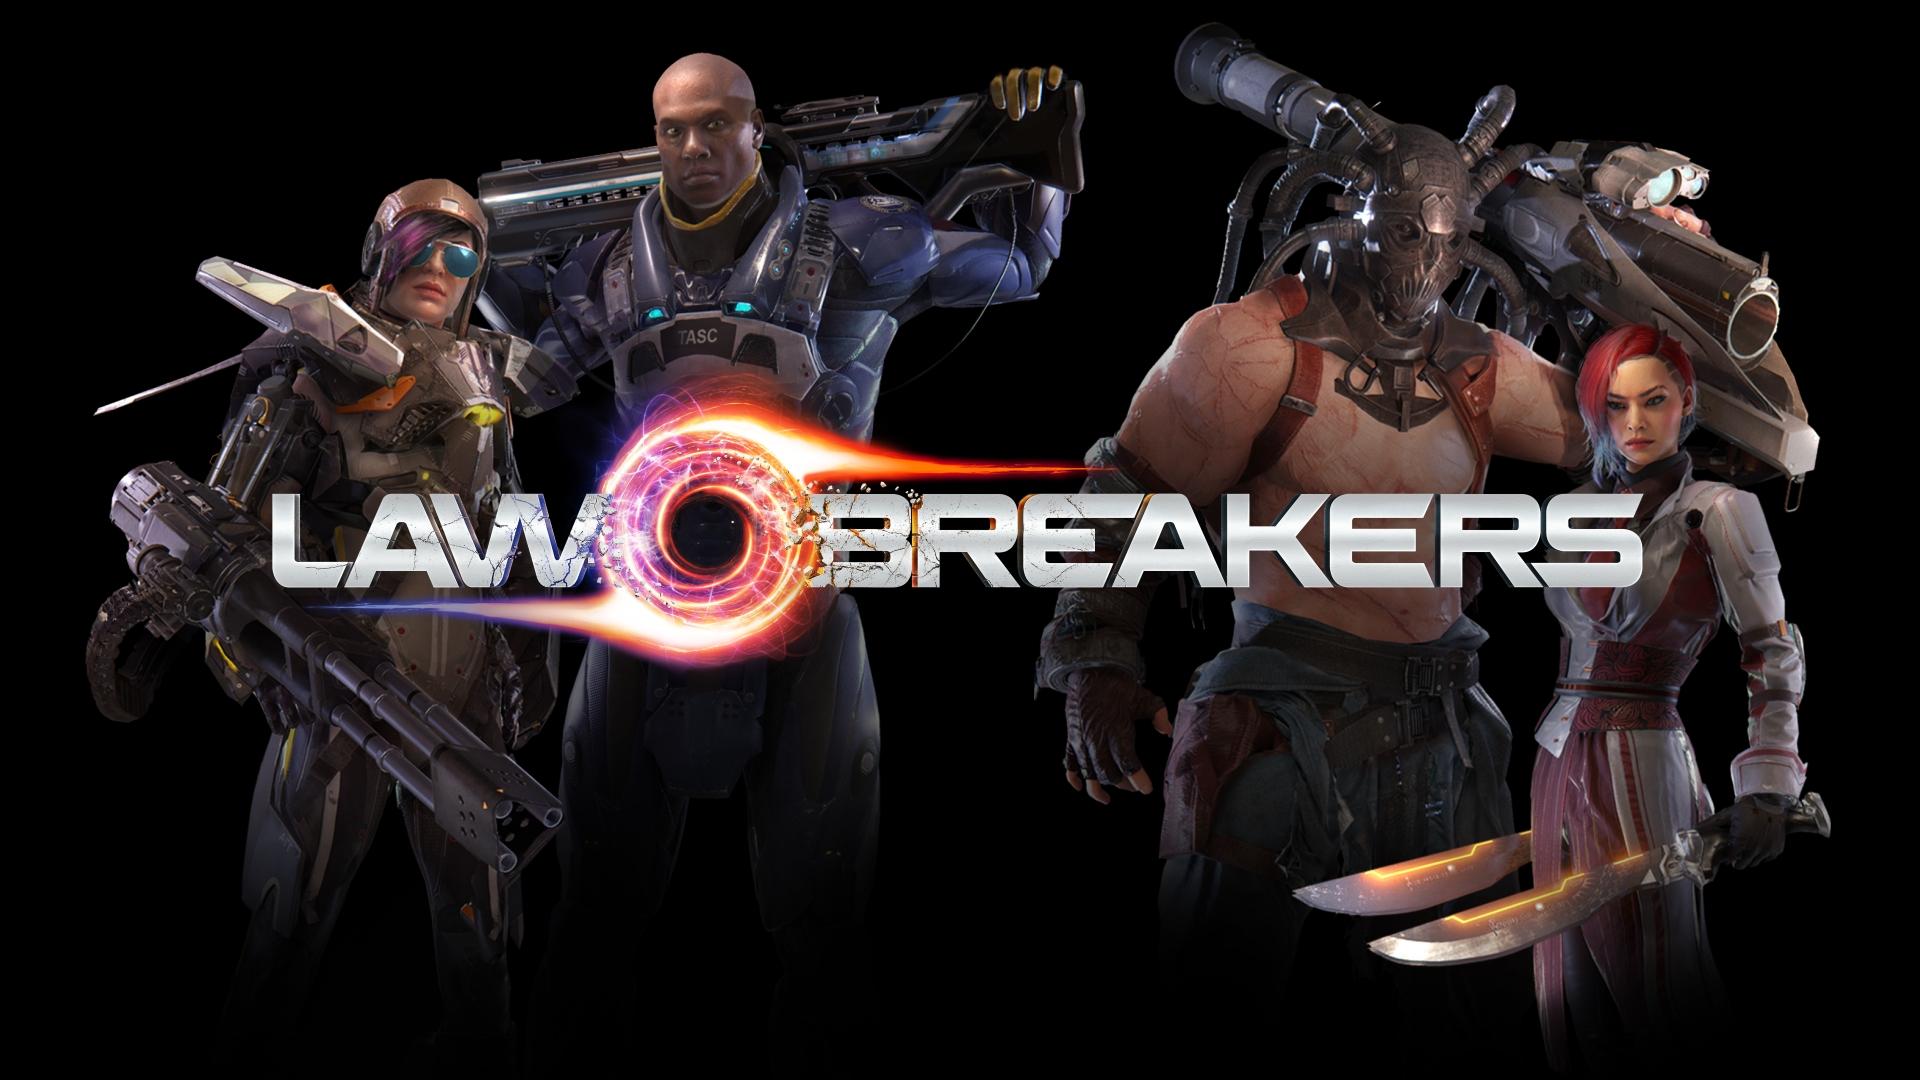 تحلیل فنی   بررسی عملکرد بازی LawBreakers برروی کنسولها و رایانههای شخصی